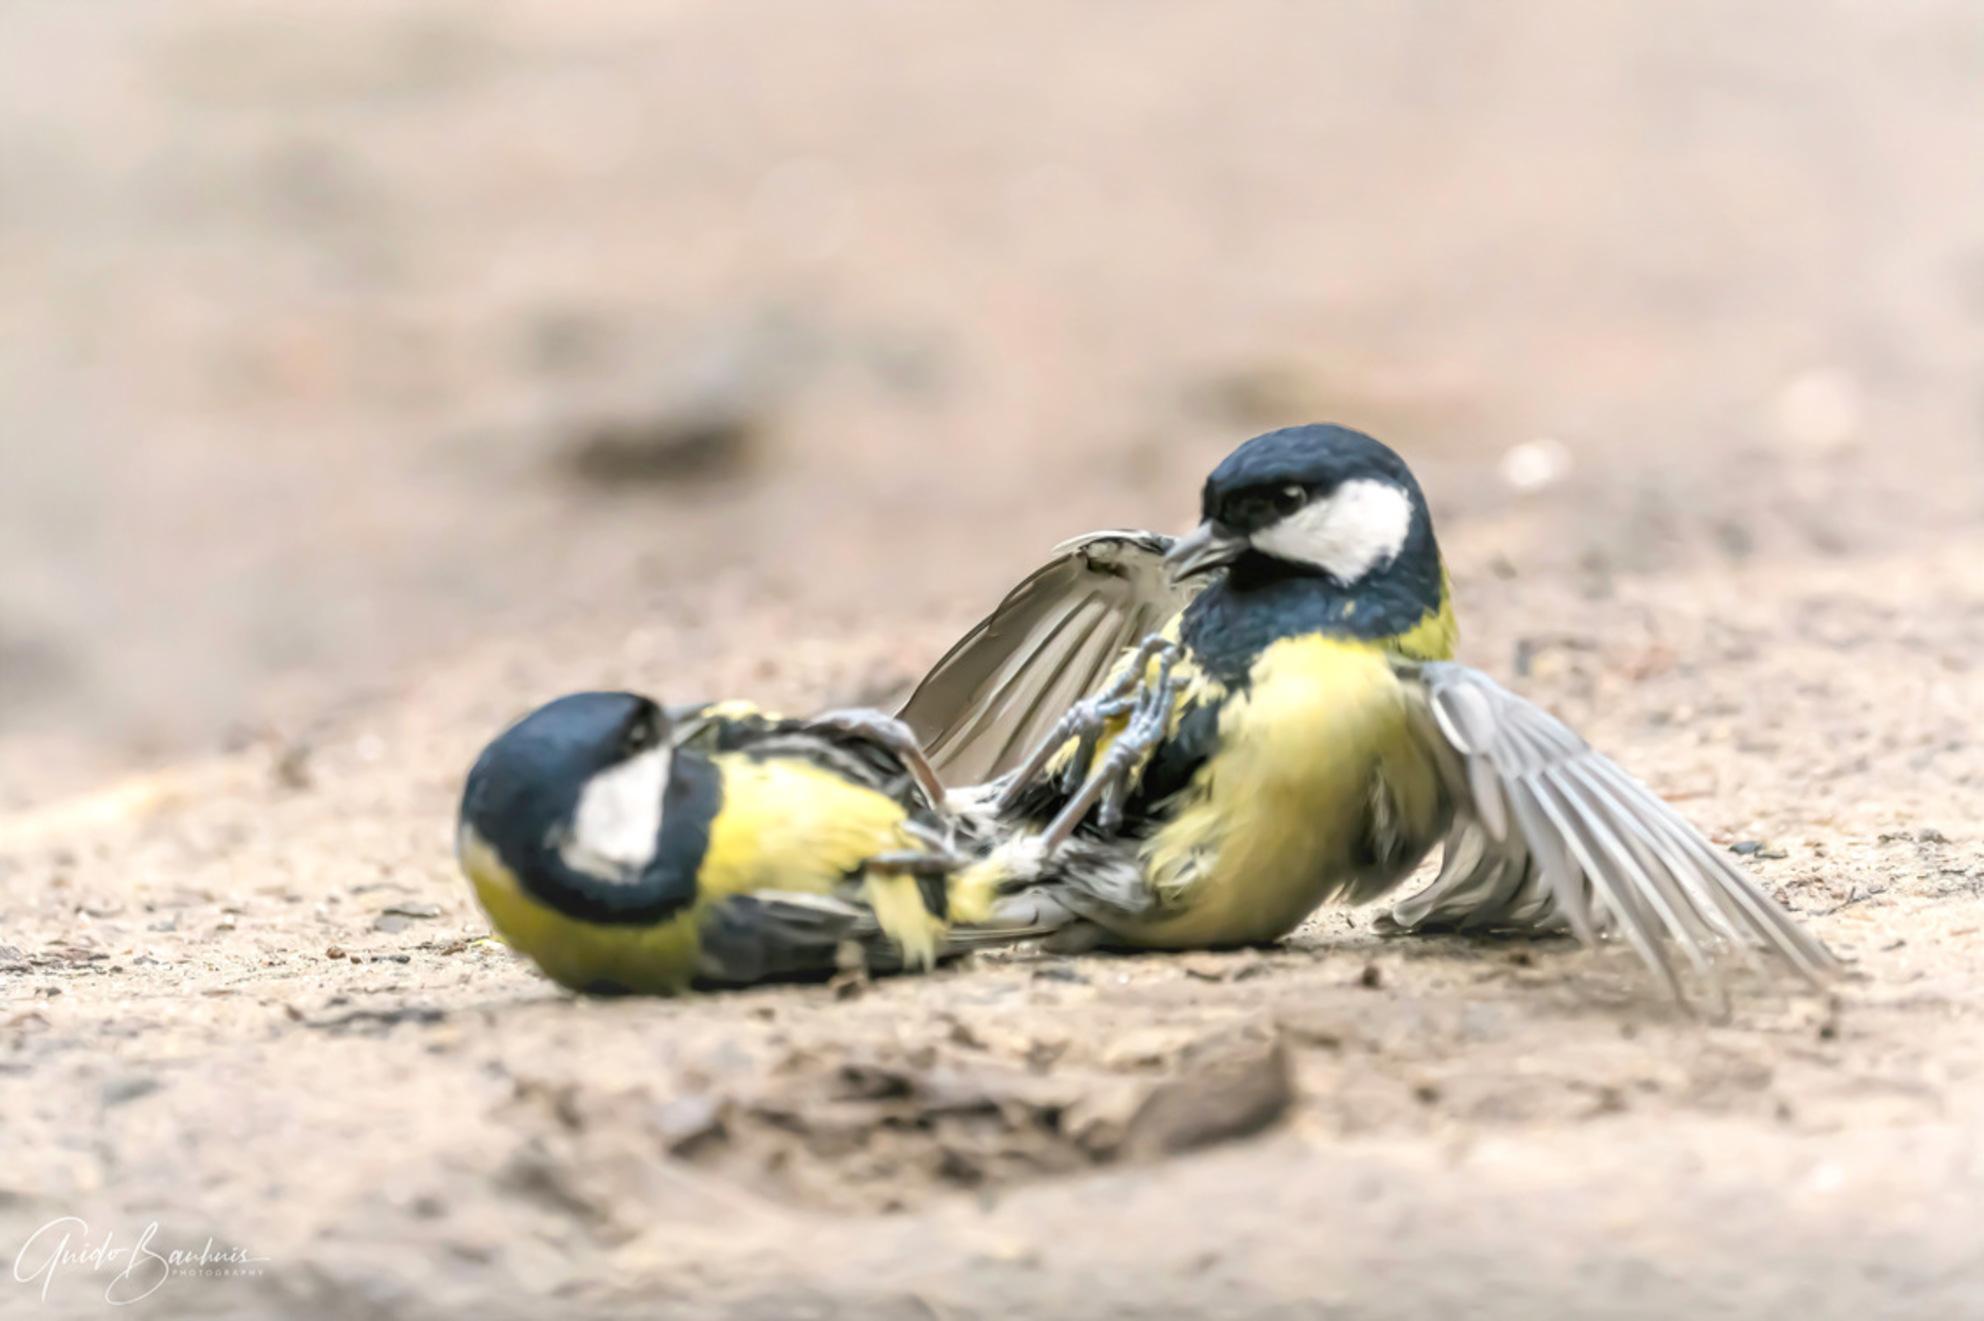 Koolmezen op de grond aan het ..... - Koolmezen op de grond - foto door guidobauhuis op 28-02-2021 - deze foto bevat: natuur, dieren, vogel, koolmees, wildlife